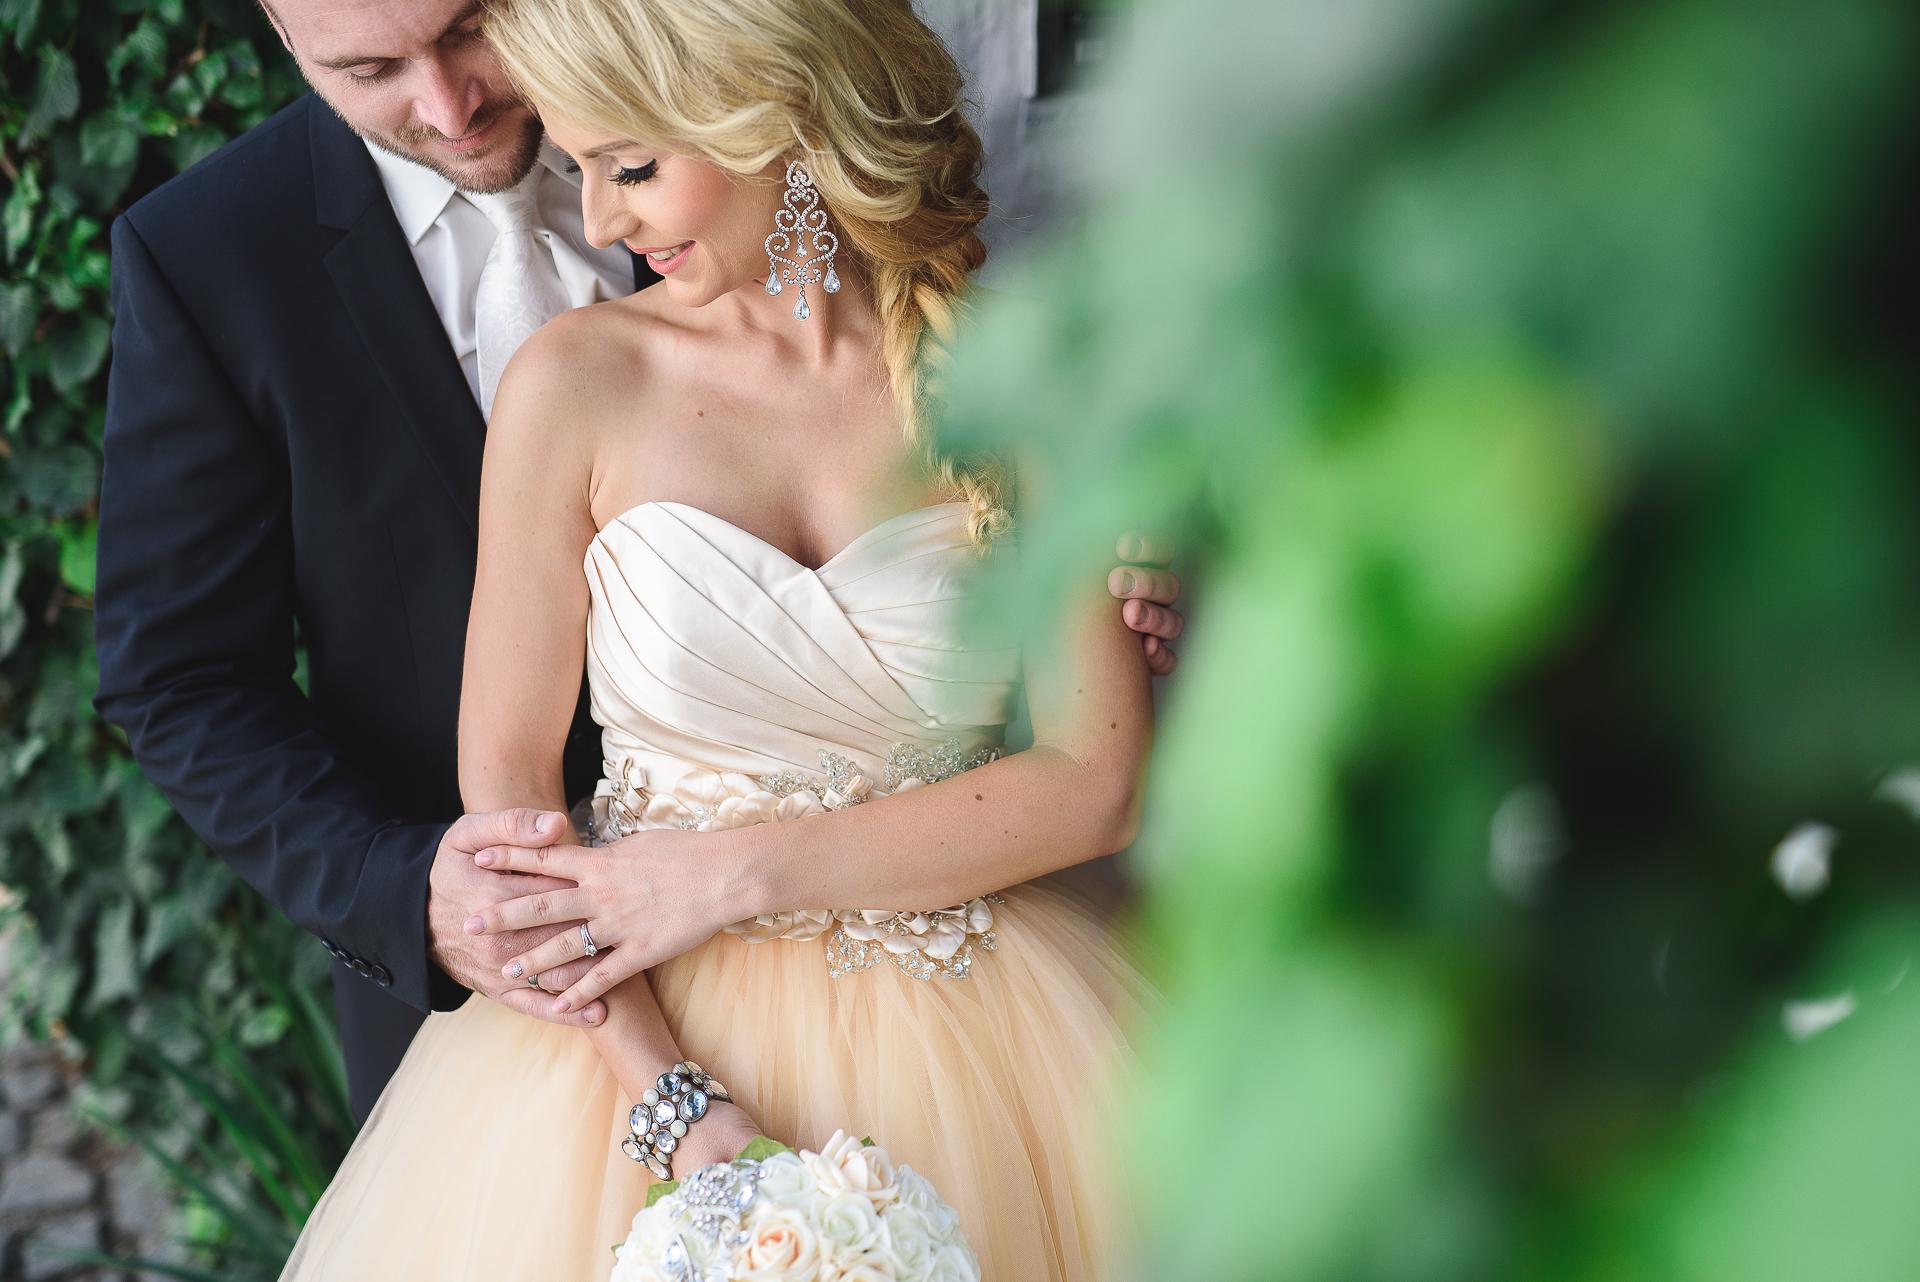 1 LB-Mediart stílusos esküvői fotózás és smink rendezvényfotózás kreatív esküvői fotózás Budapest Wedding Photography